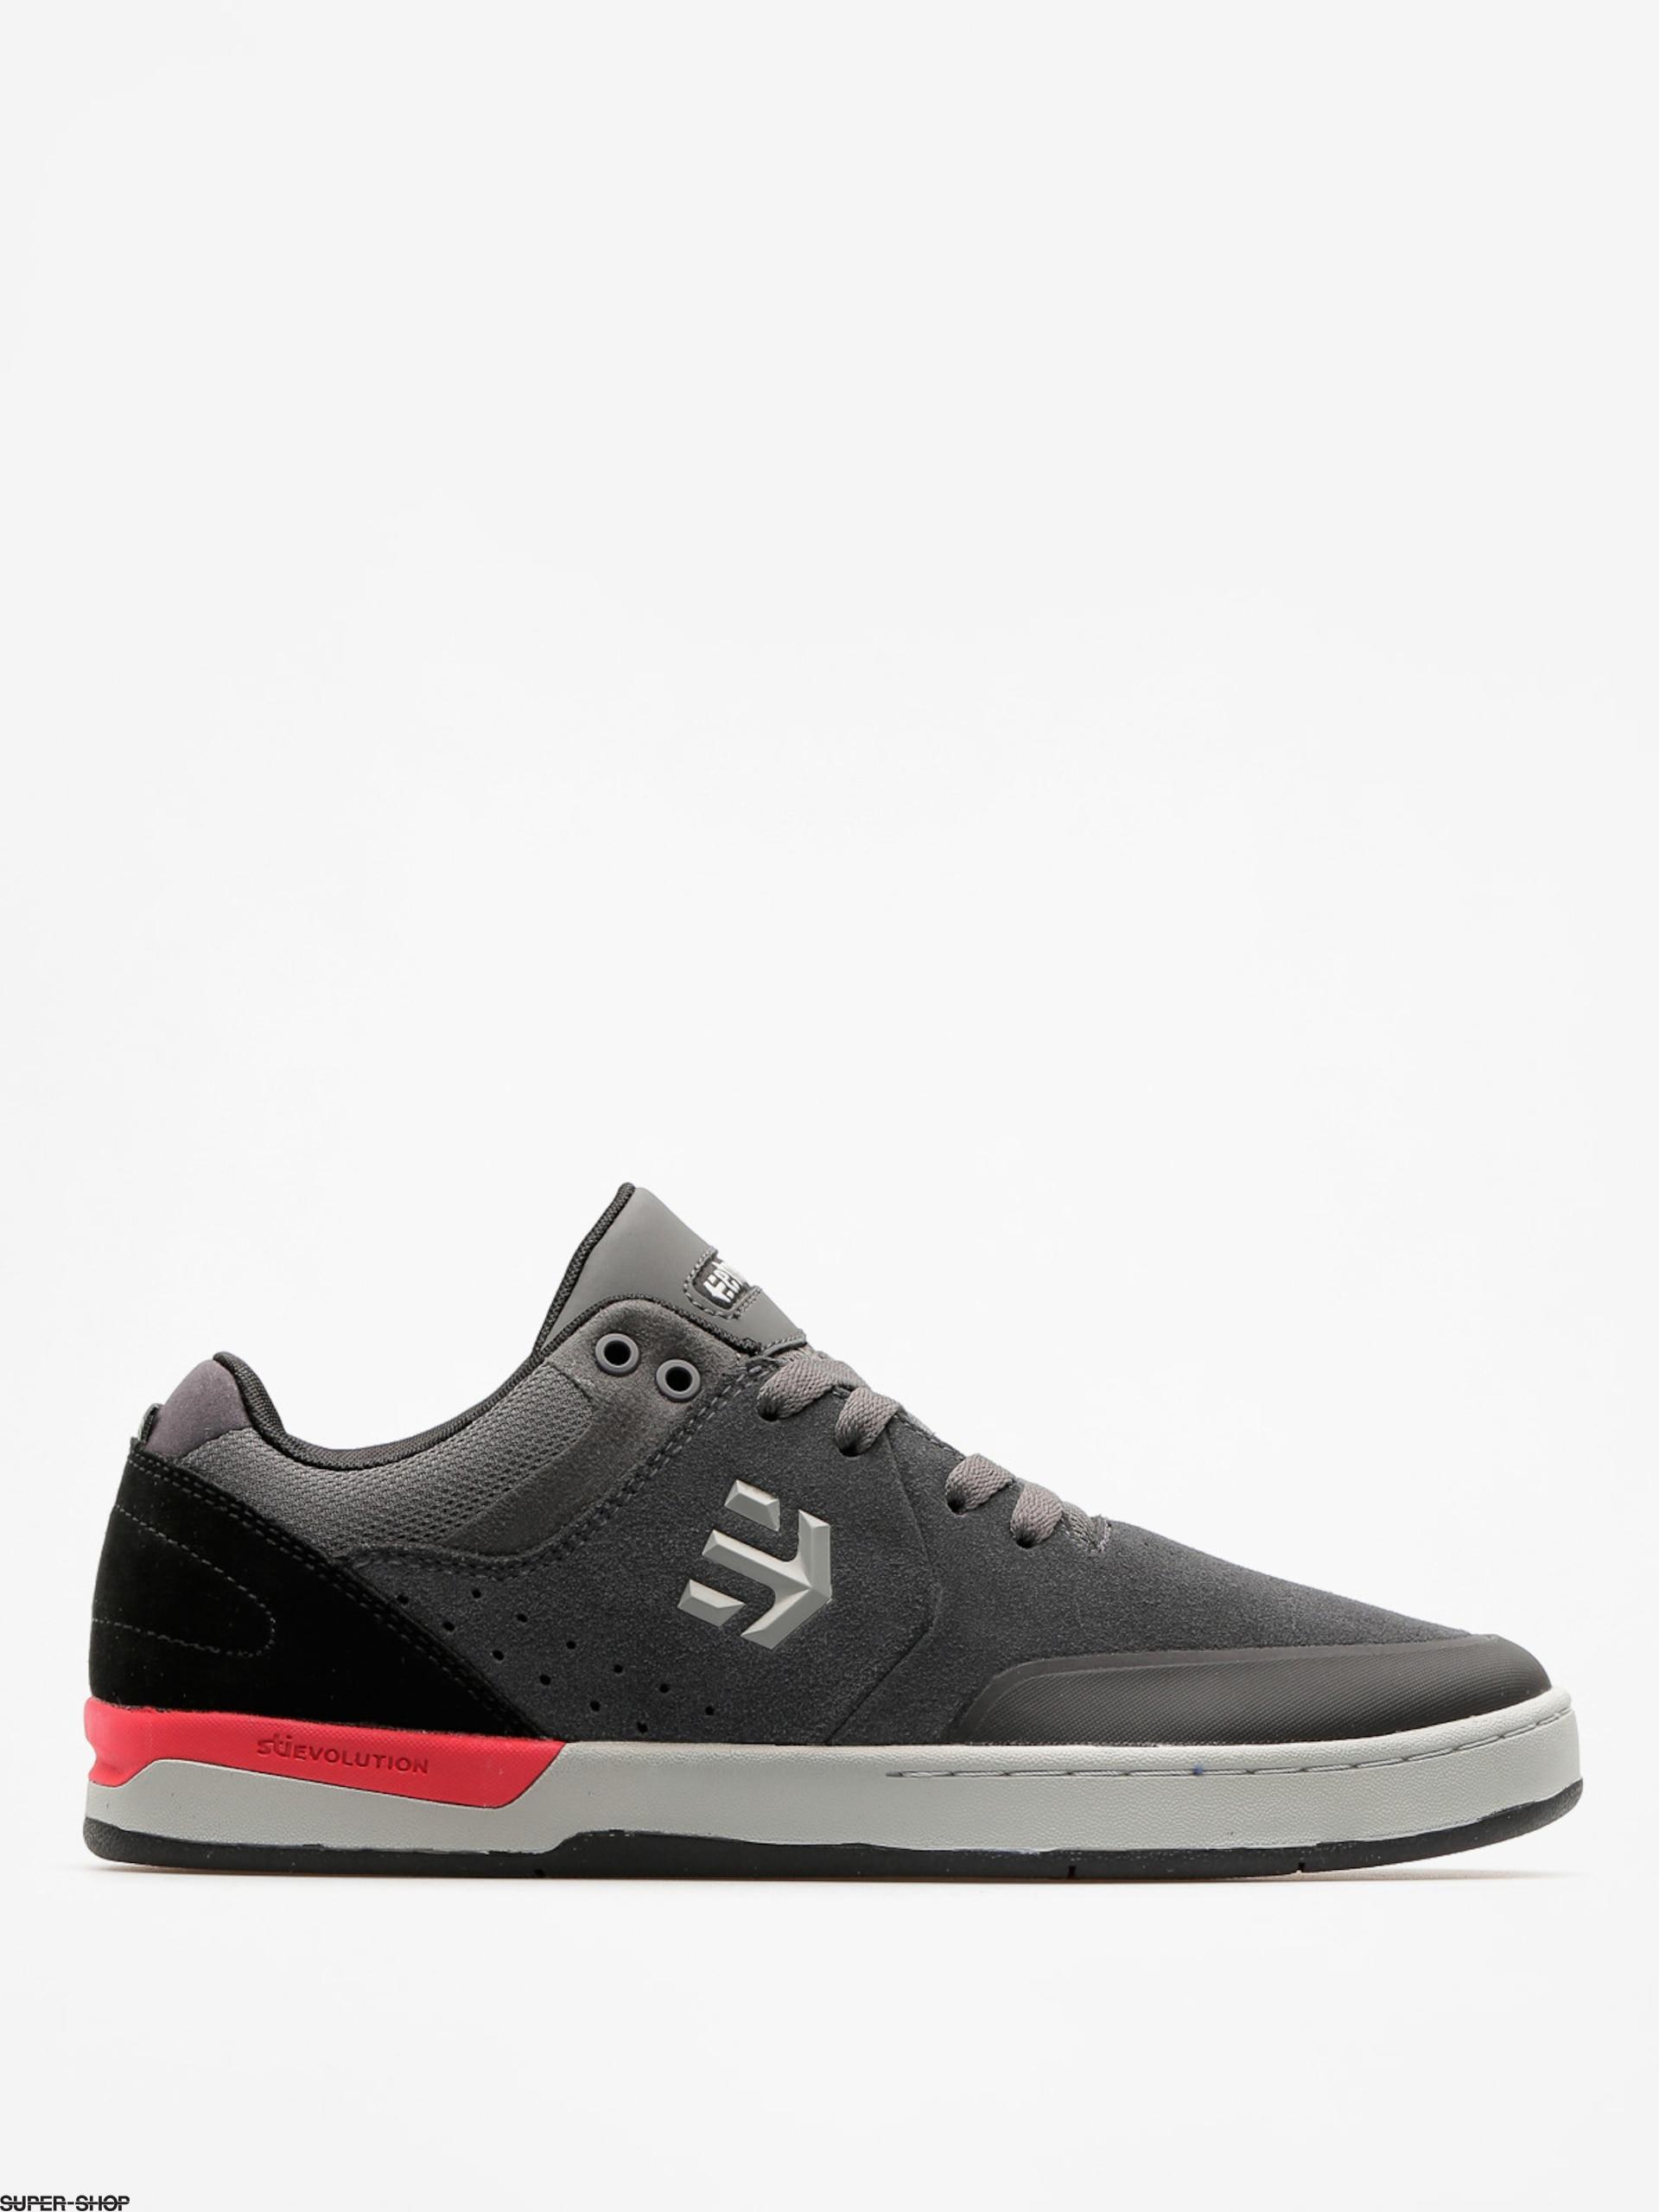 wykwintny styl San Francisco szukać Etnies Schuhe Marana Xt (dark grey/black/red)